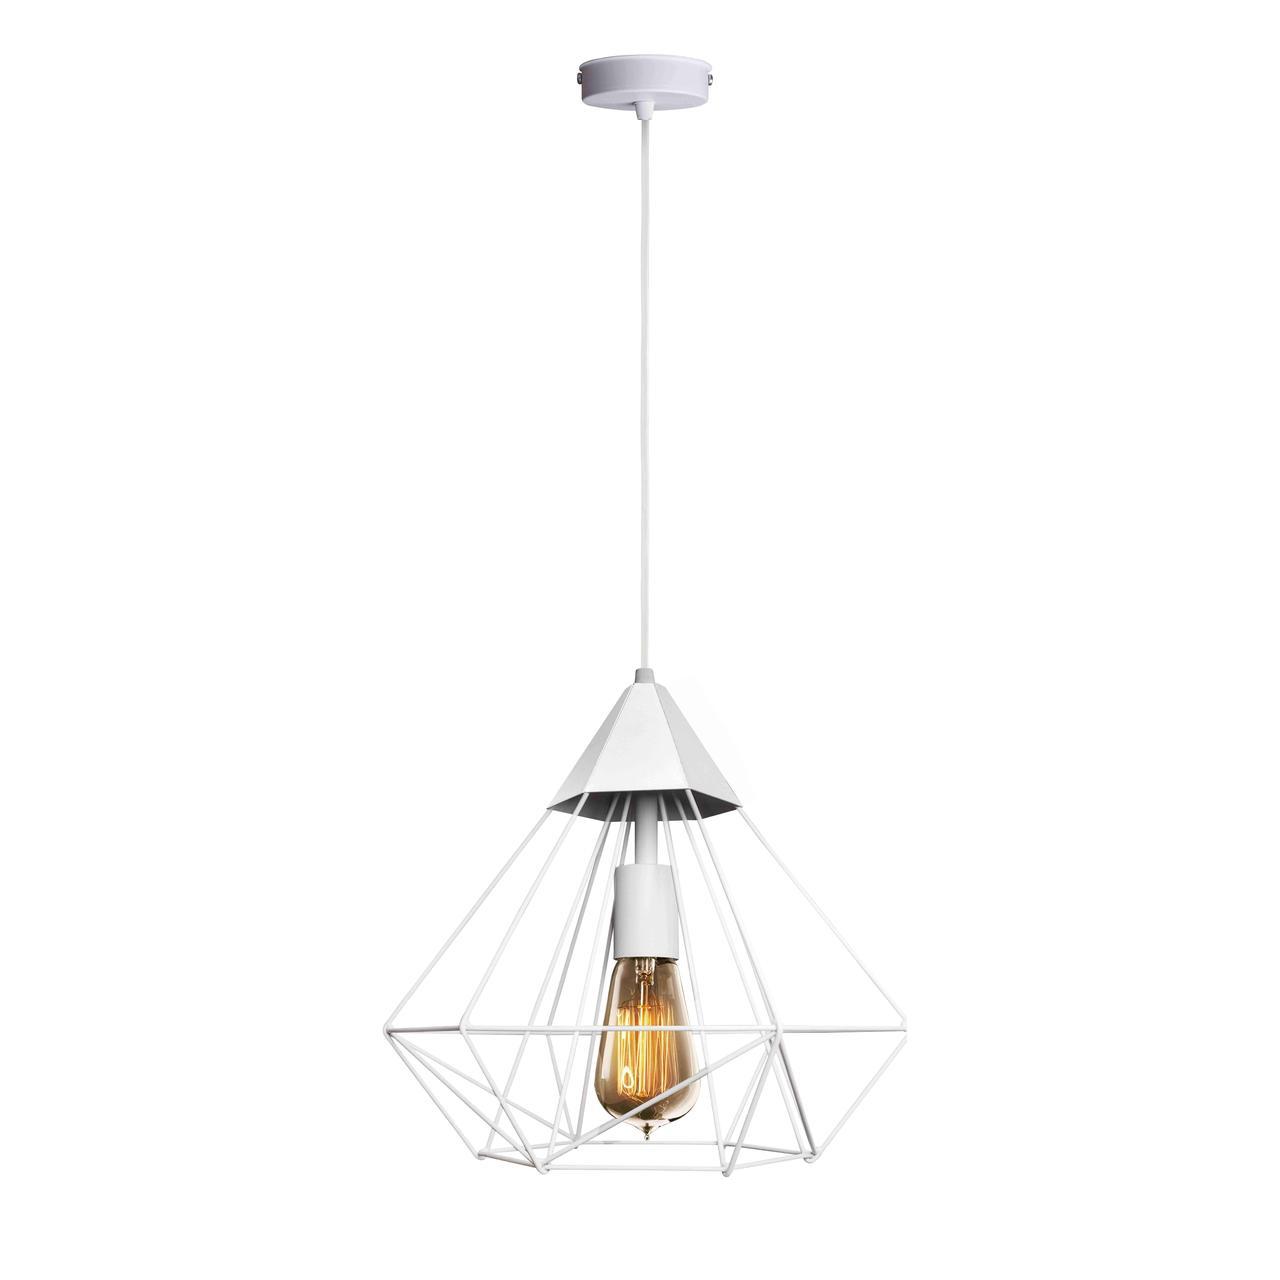 Светильник подвесной в стиле лофт MSK Electric NL 0538 W new